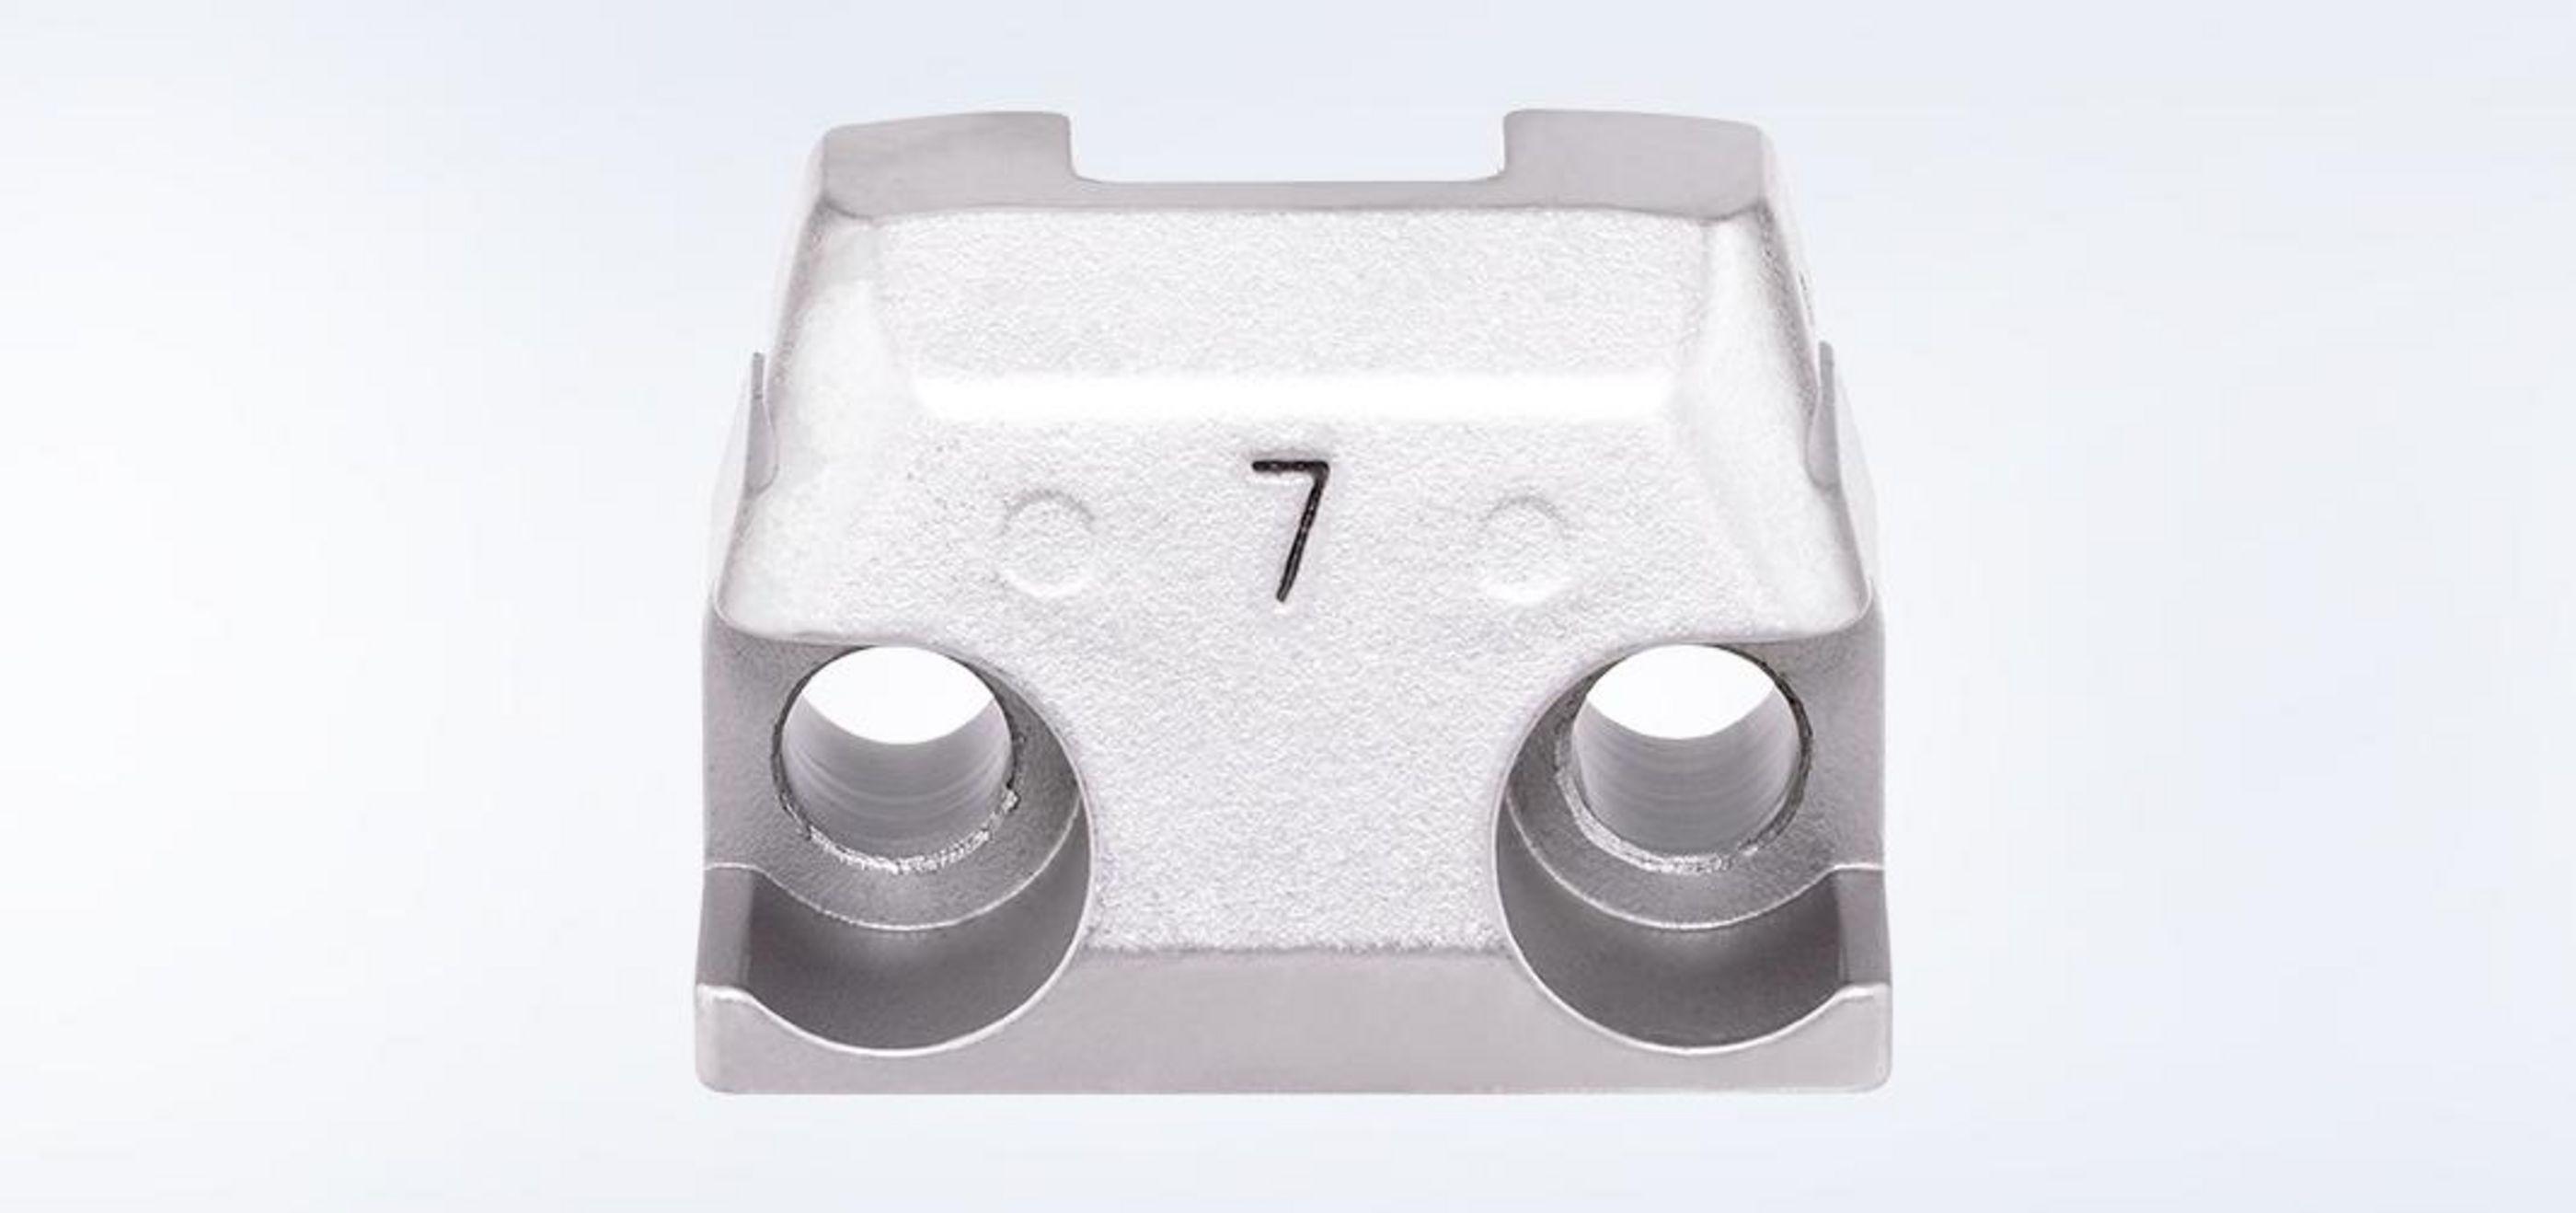 TruTool N 700, die No. 7